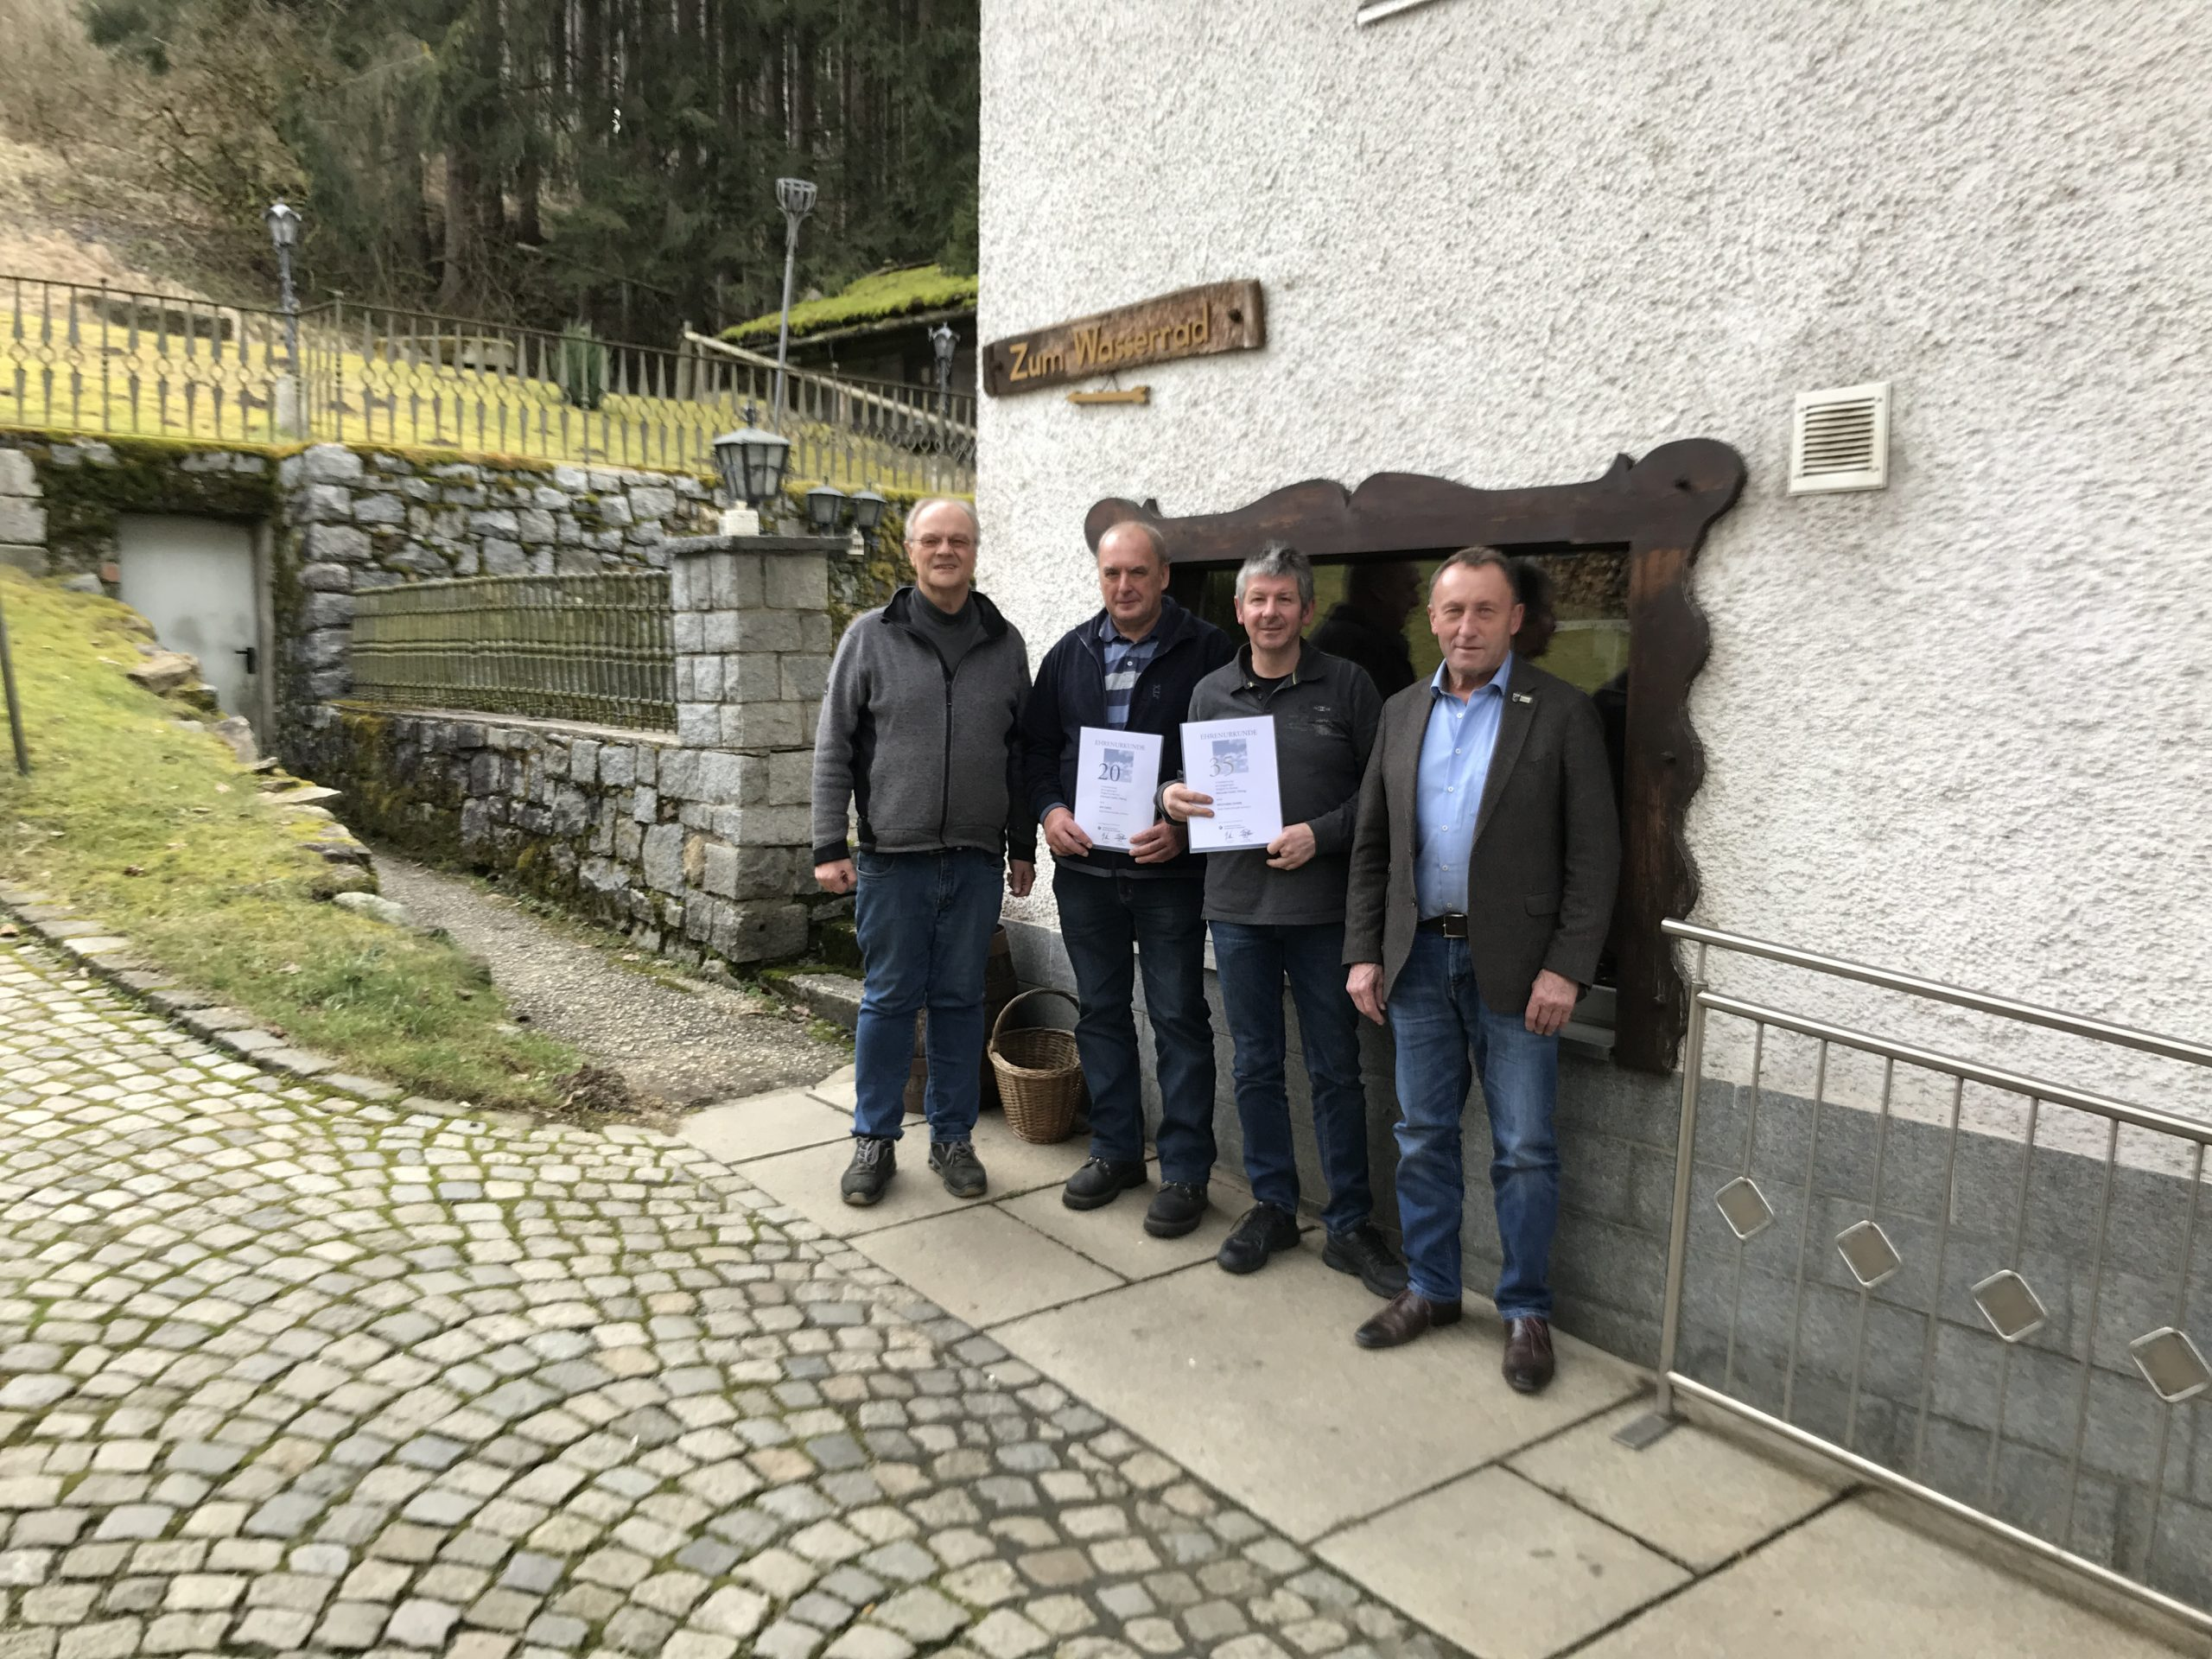 Kunstschmiede Alteneder Betriebsjubiläum für 30 Jahre und 20 Jahre Betriebstreue im Jahr 2020